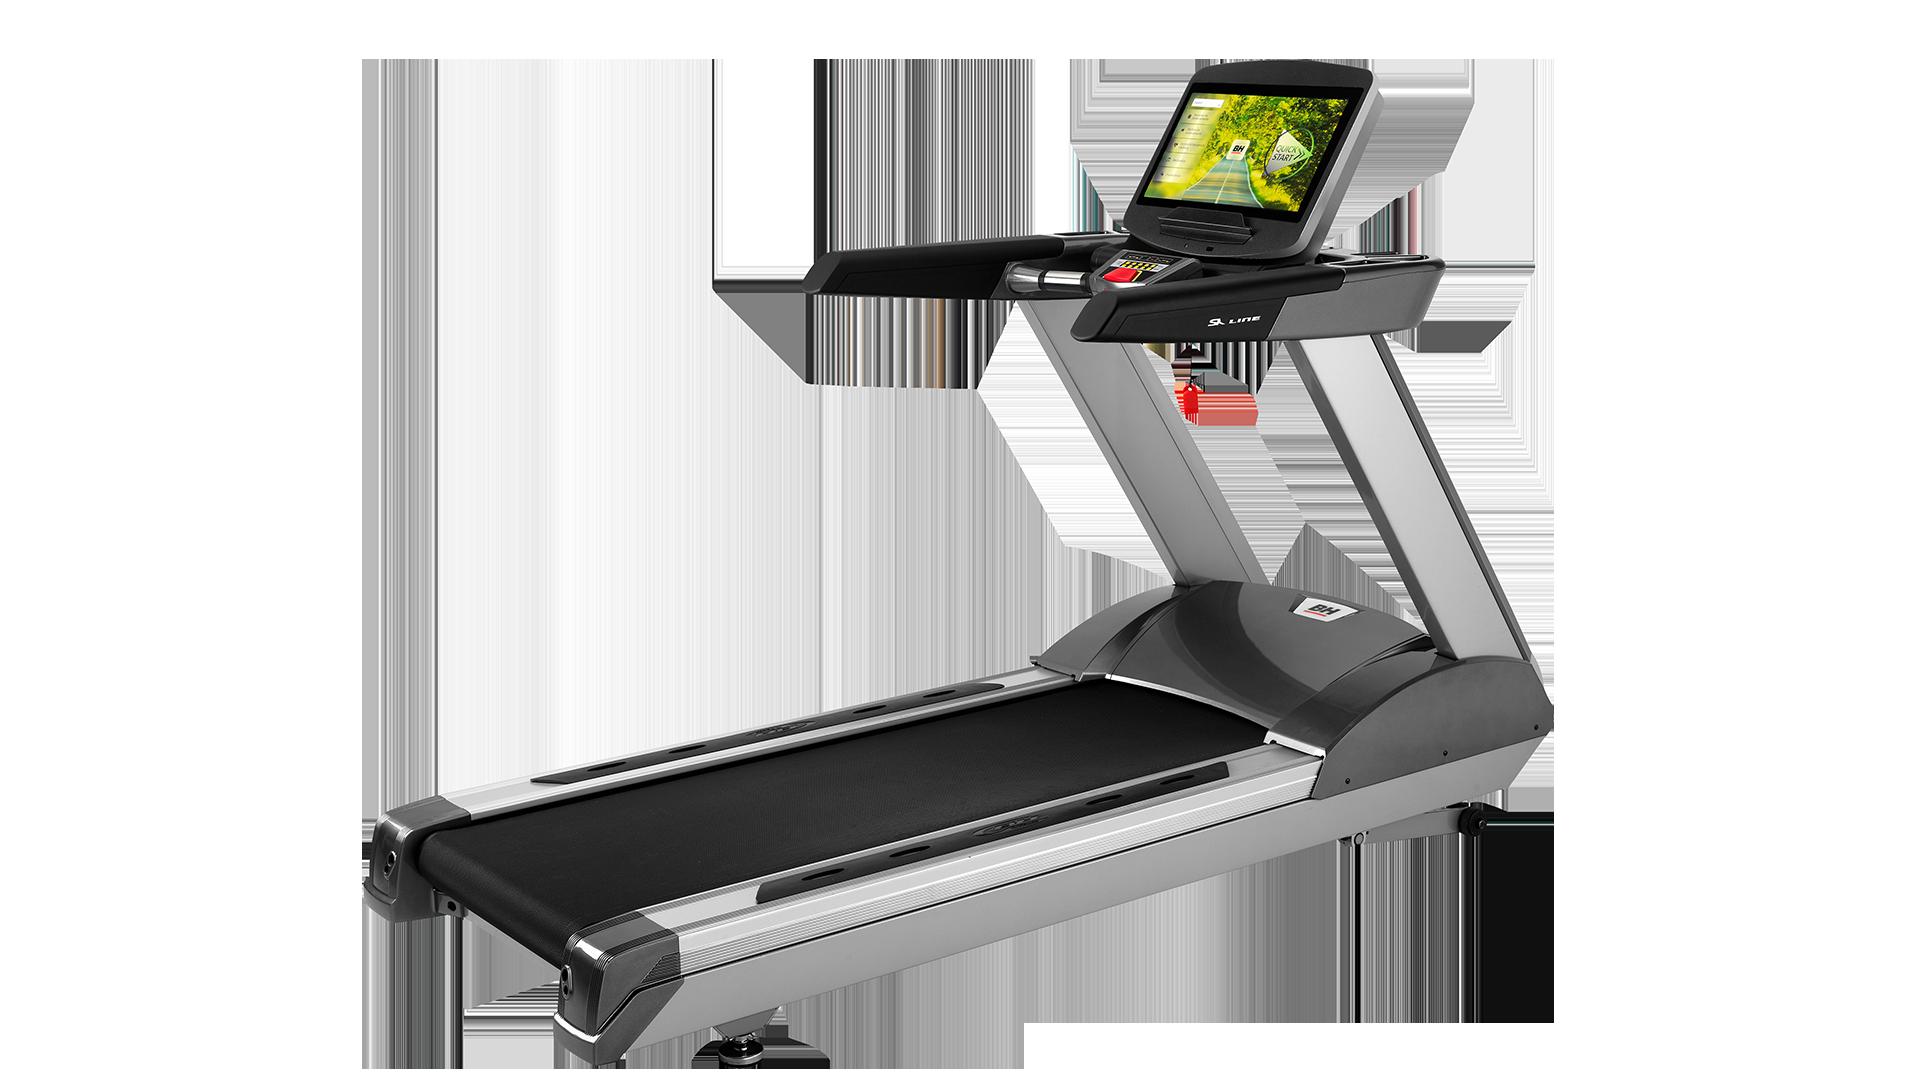 SK7990 cinta de correr profesional